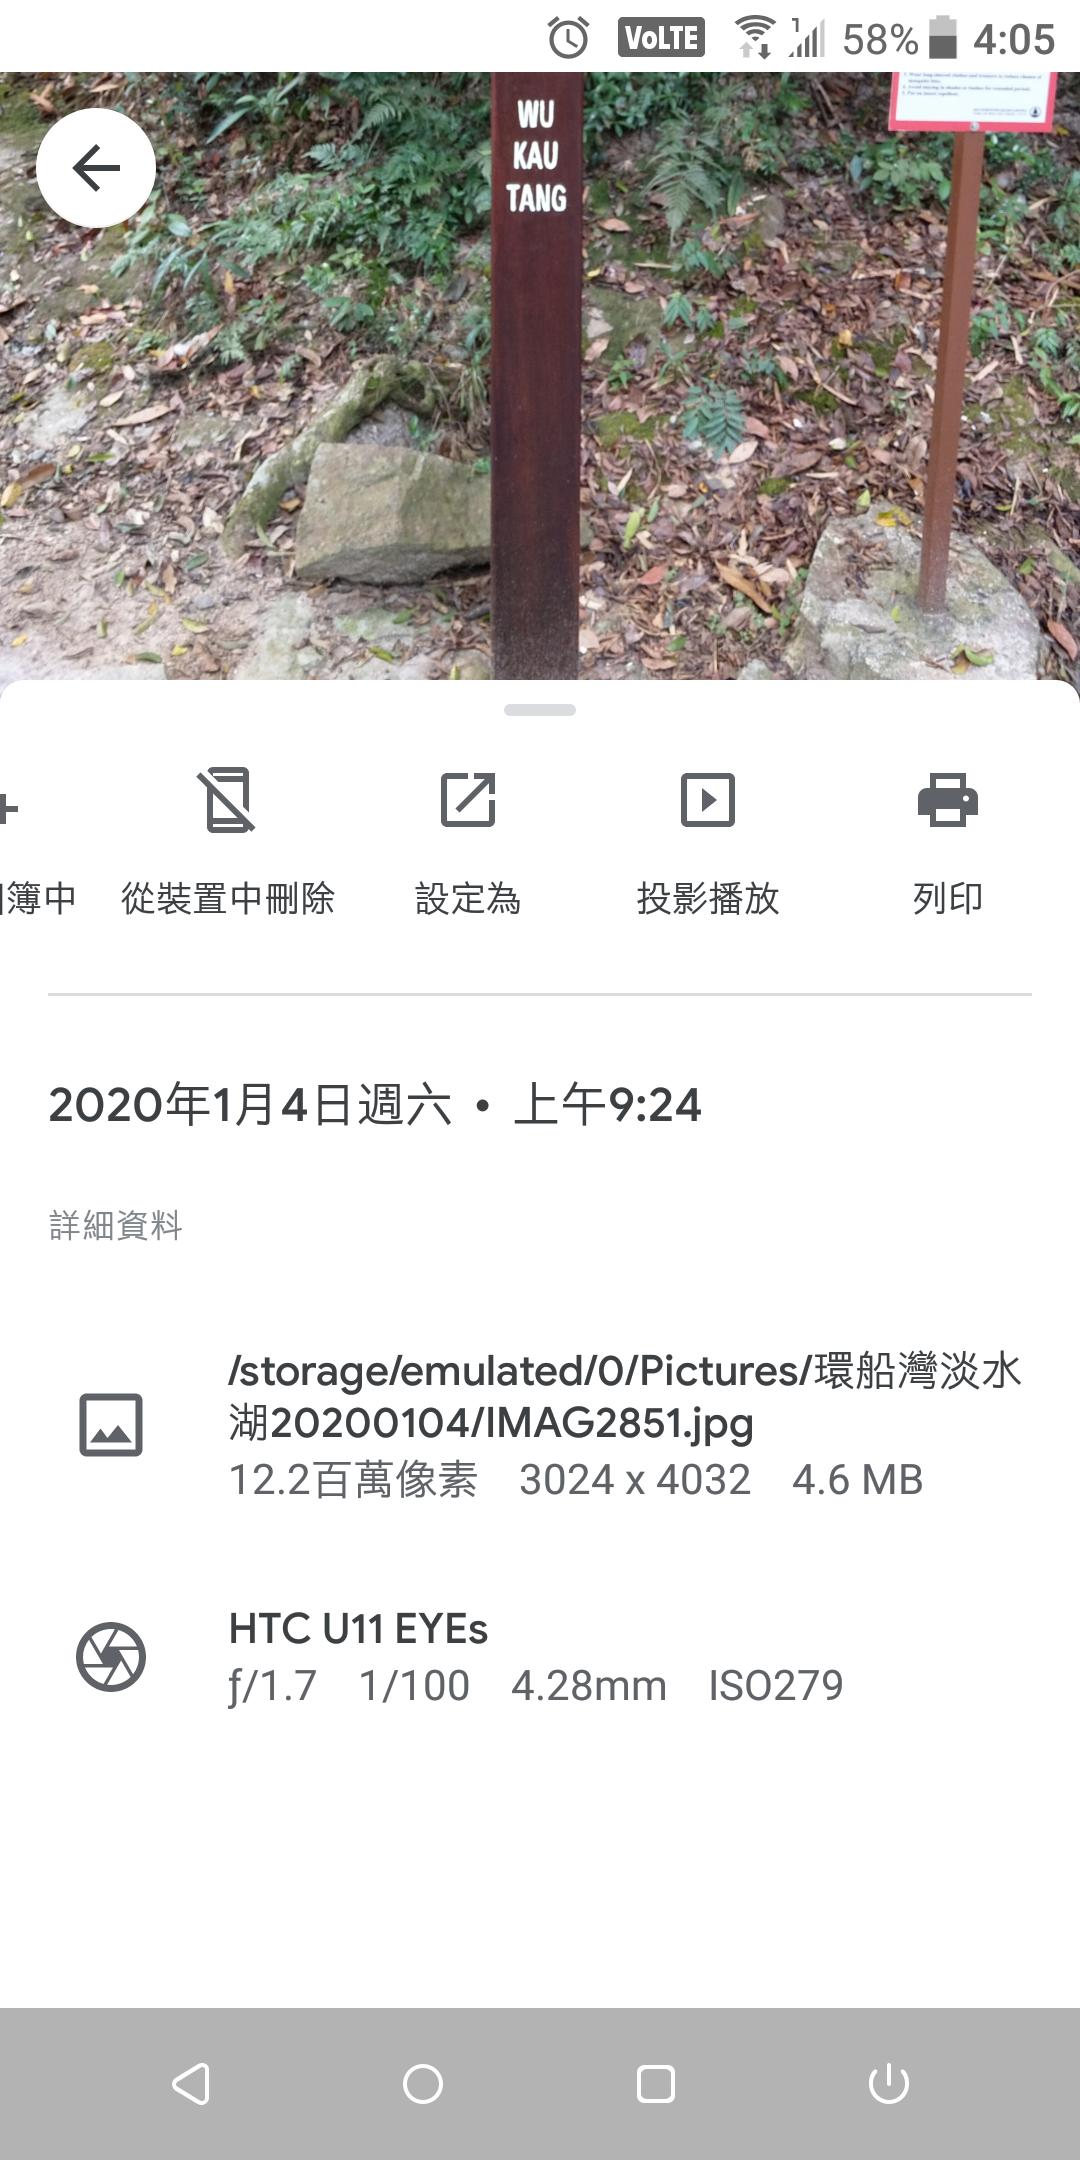 https://upload.cc/i1/2020/01/04/mv1IW3.png